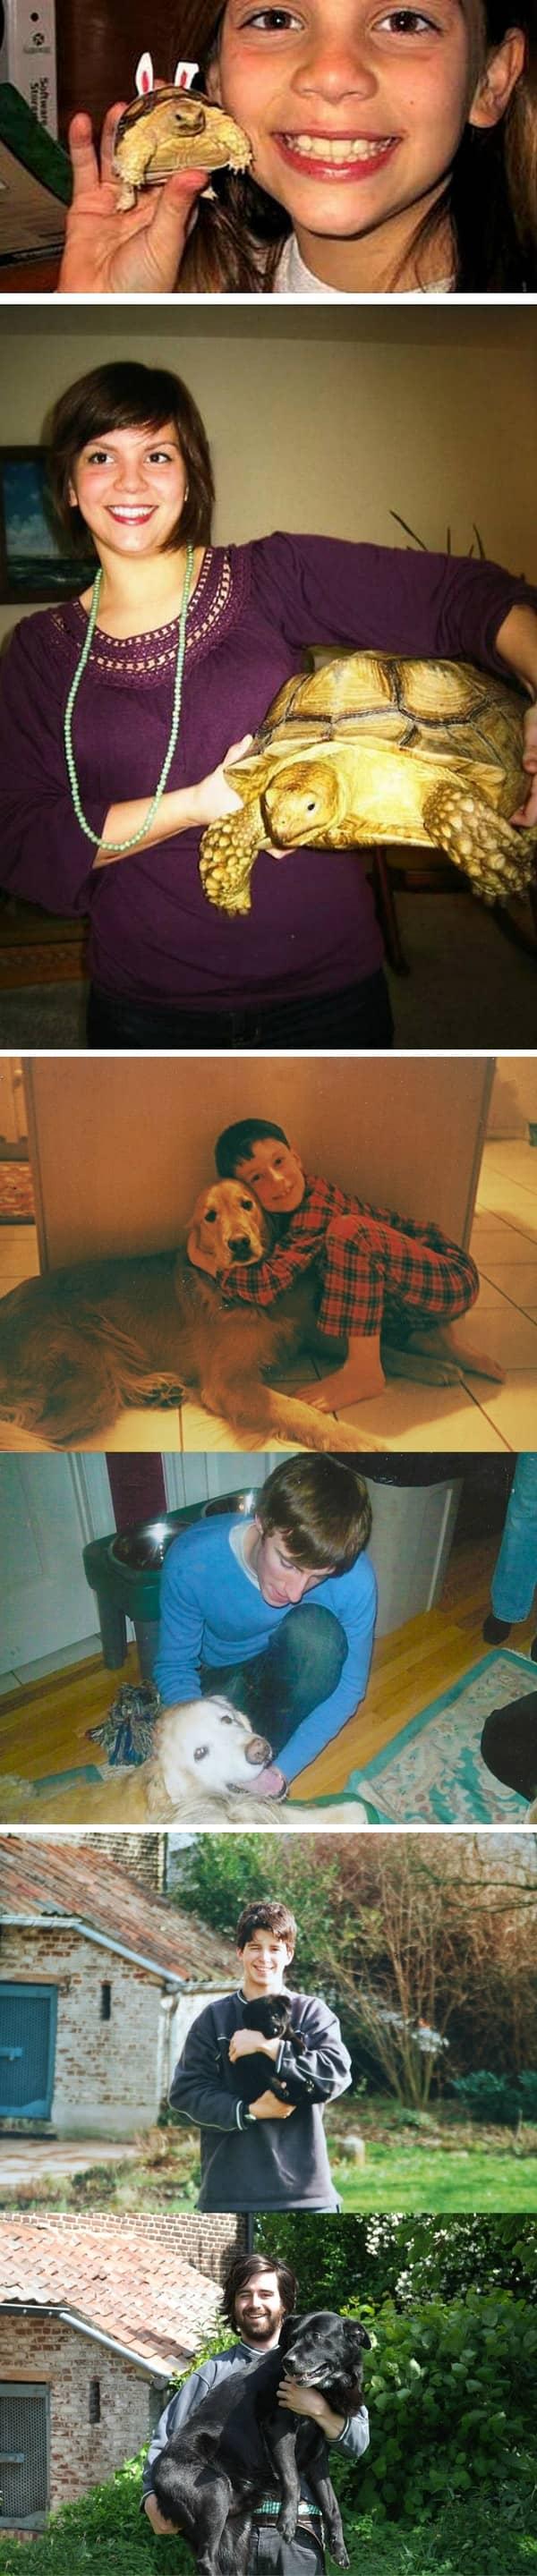 Fotos de pessoas com seus pets na infância e na vida adulta 3